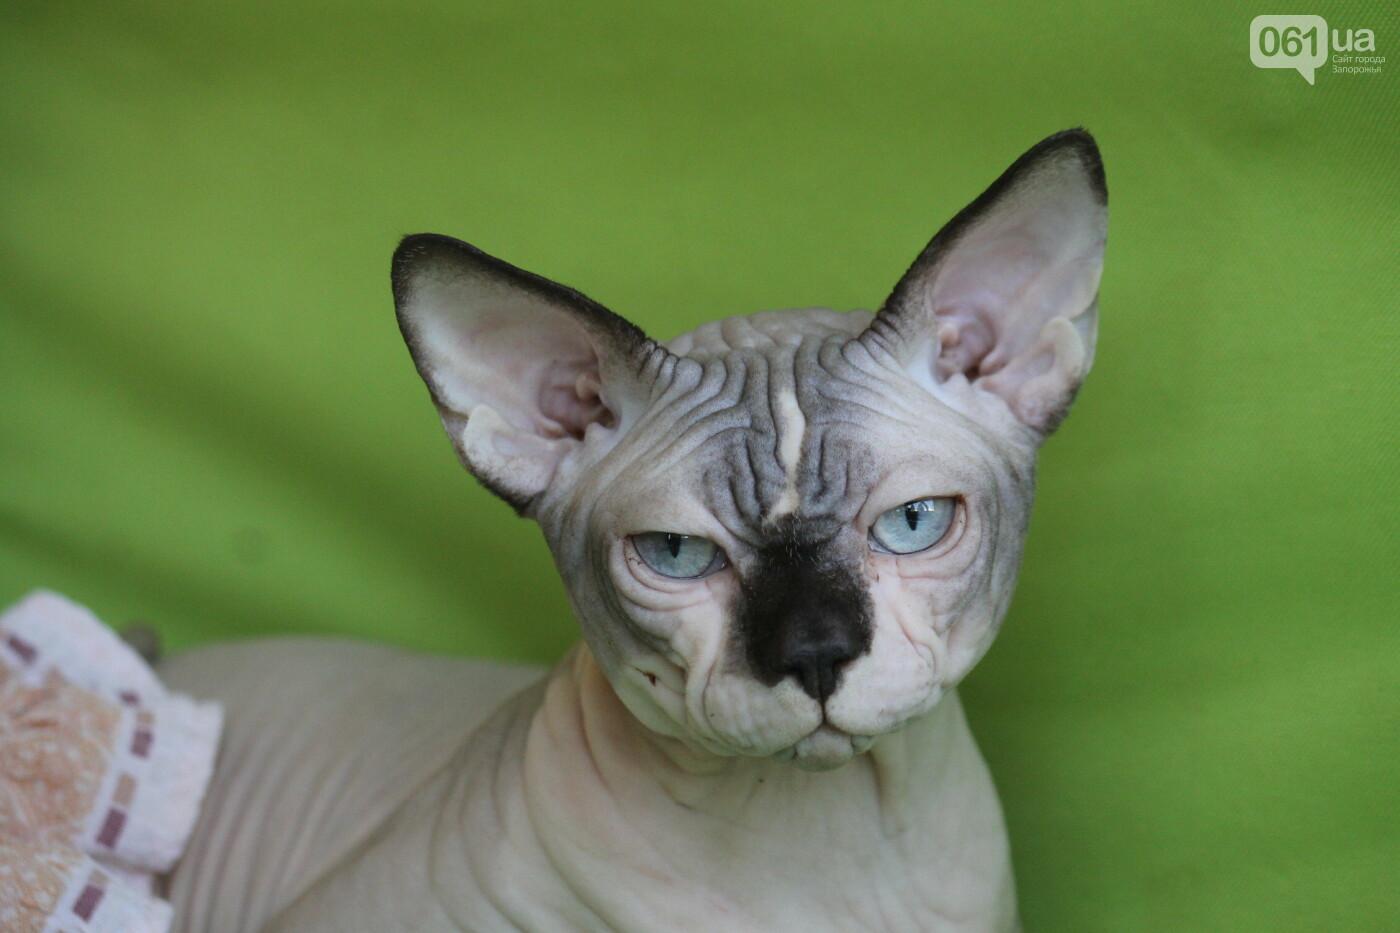 В Запорожье на выставке кошек показали 130 питомцев со всей Украины, – ФОТОРЕПОРТАЖ, фото-26